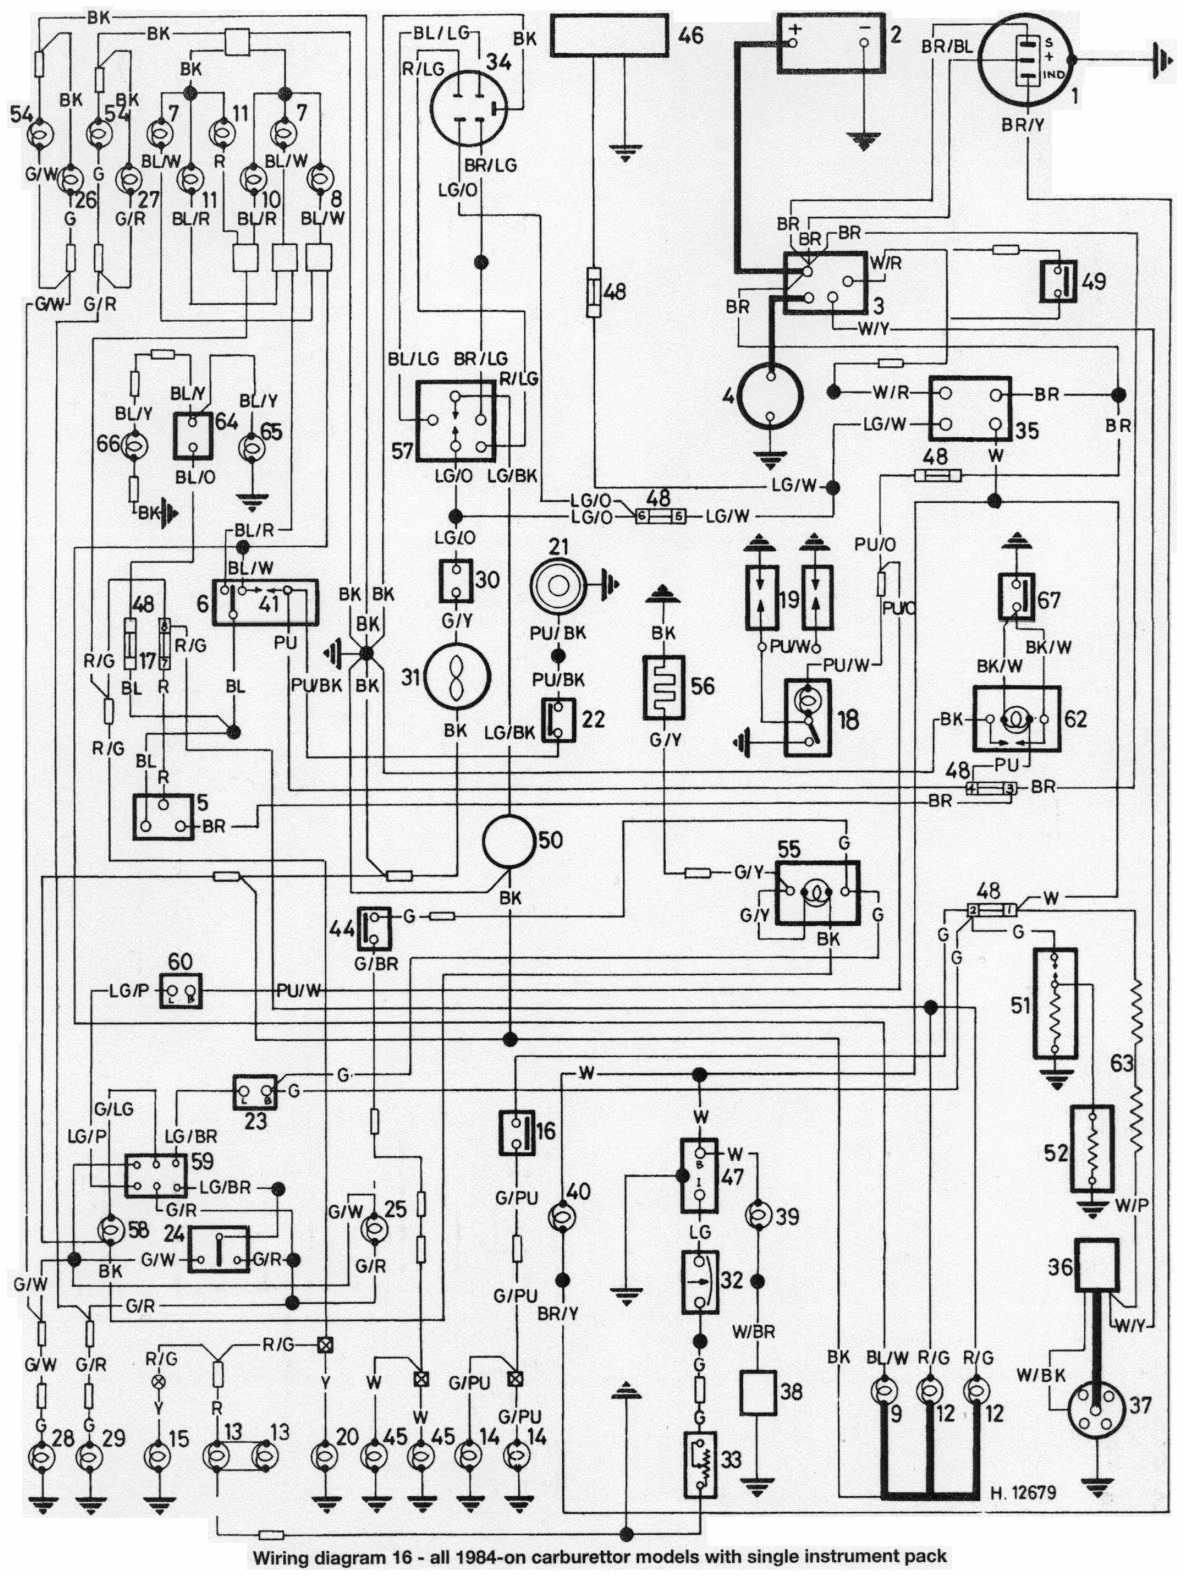 cooper wiring diagrams wiring diagram blogs 2006 mini cooper engine diagram mini cooper wiring diagrams [ 1184 x 1576 Pixel ]